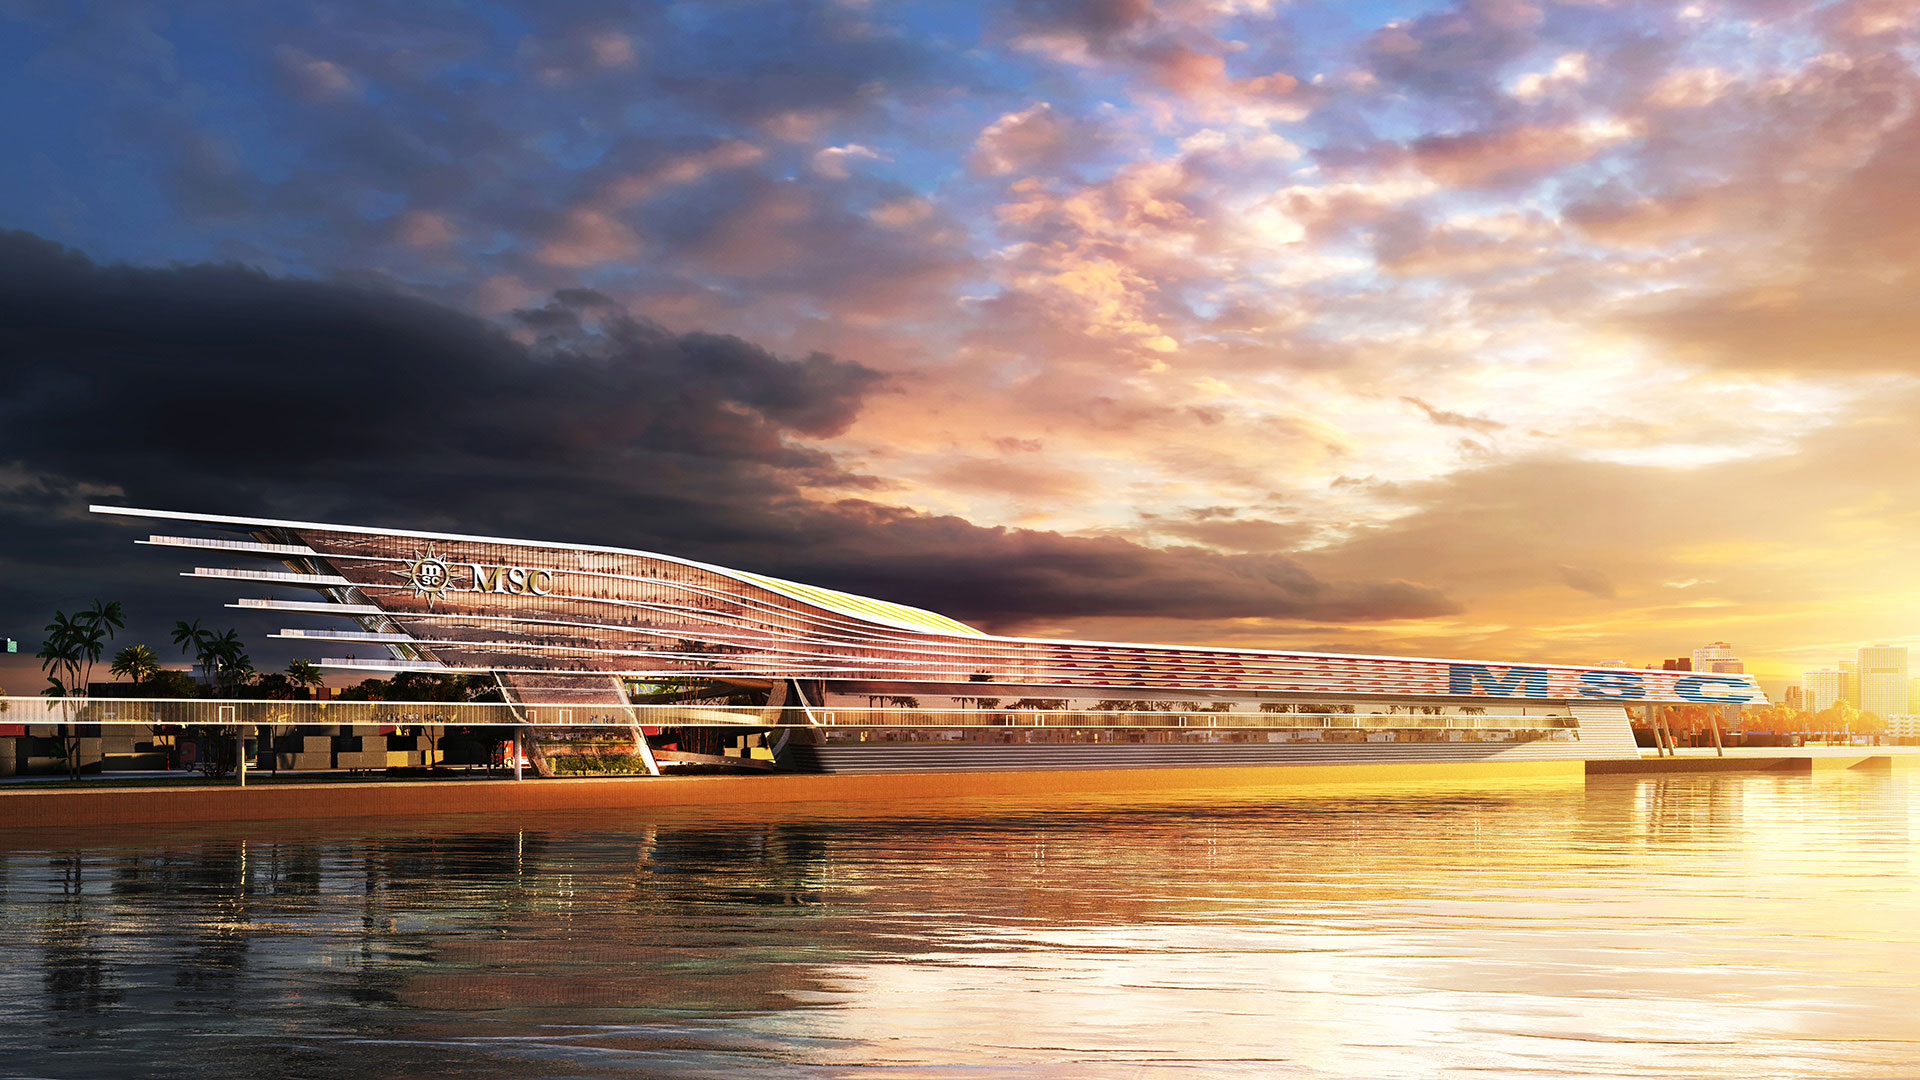 PortMiami MSC Cruise Terminal Rendering 3